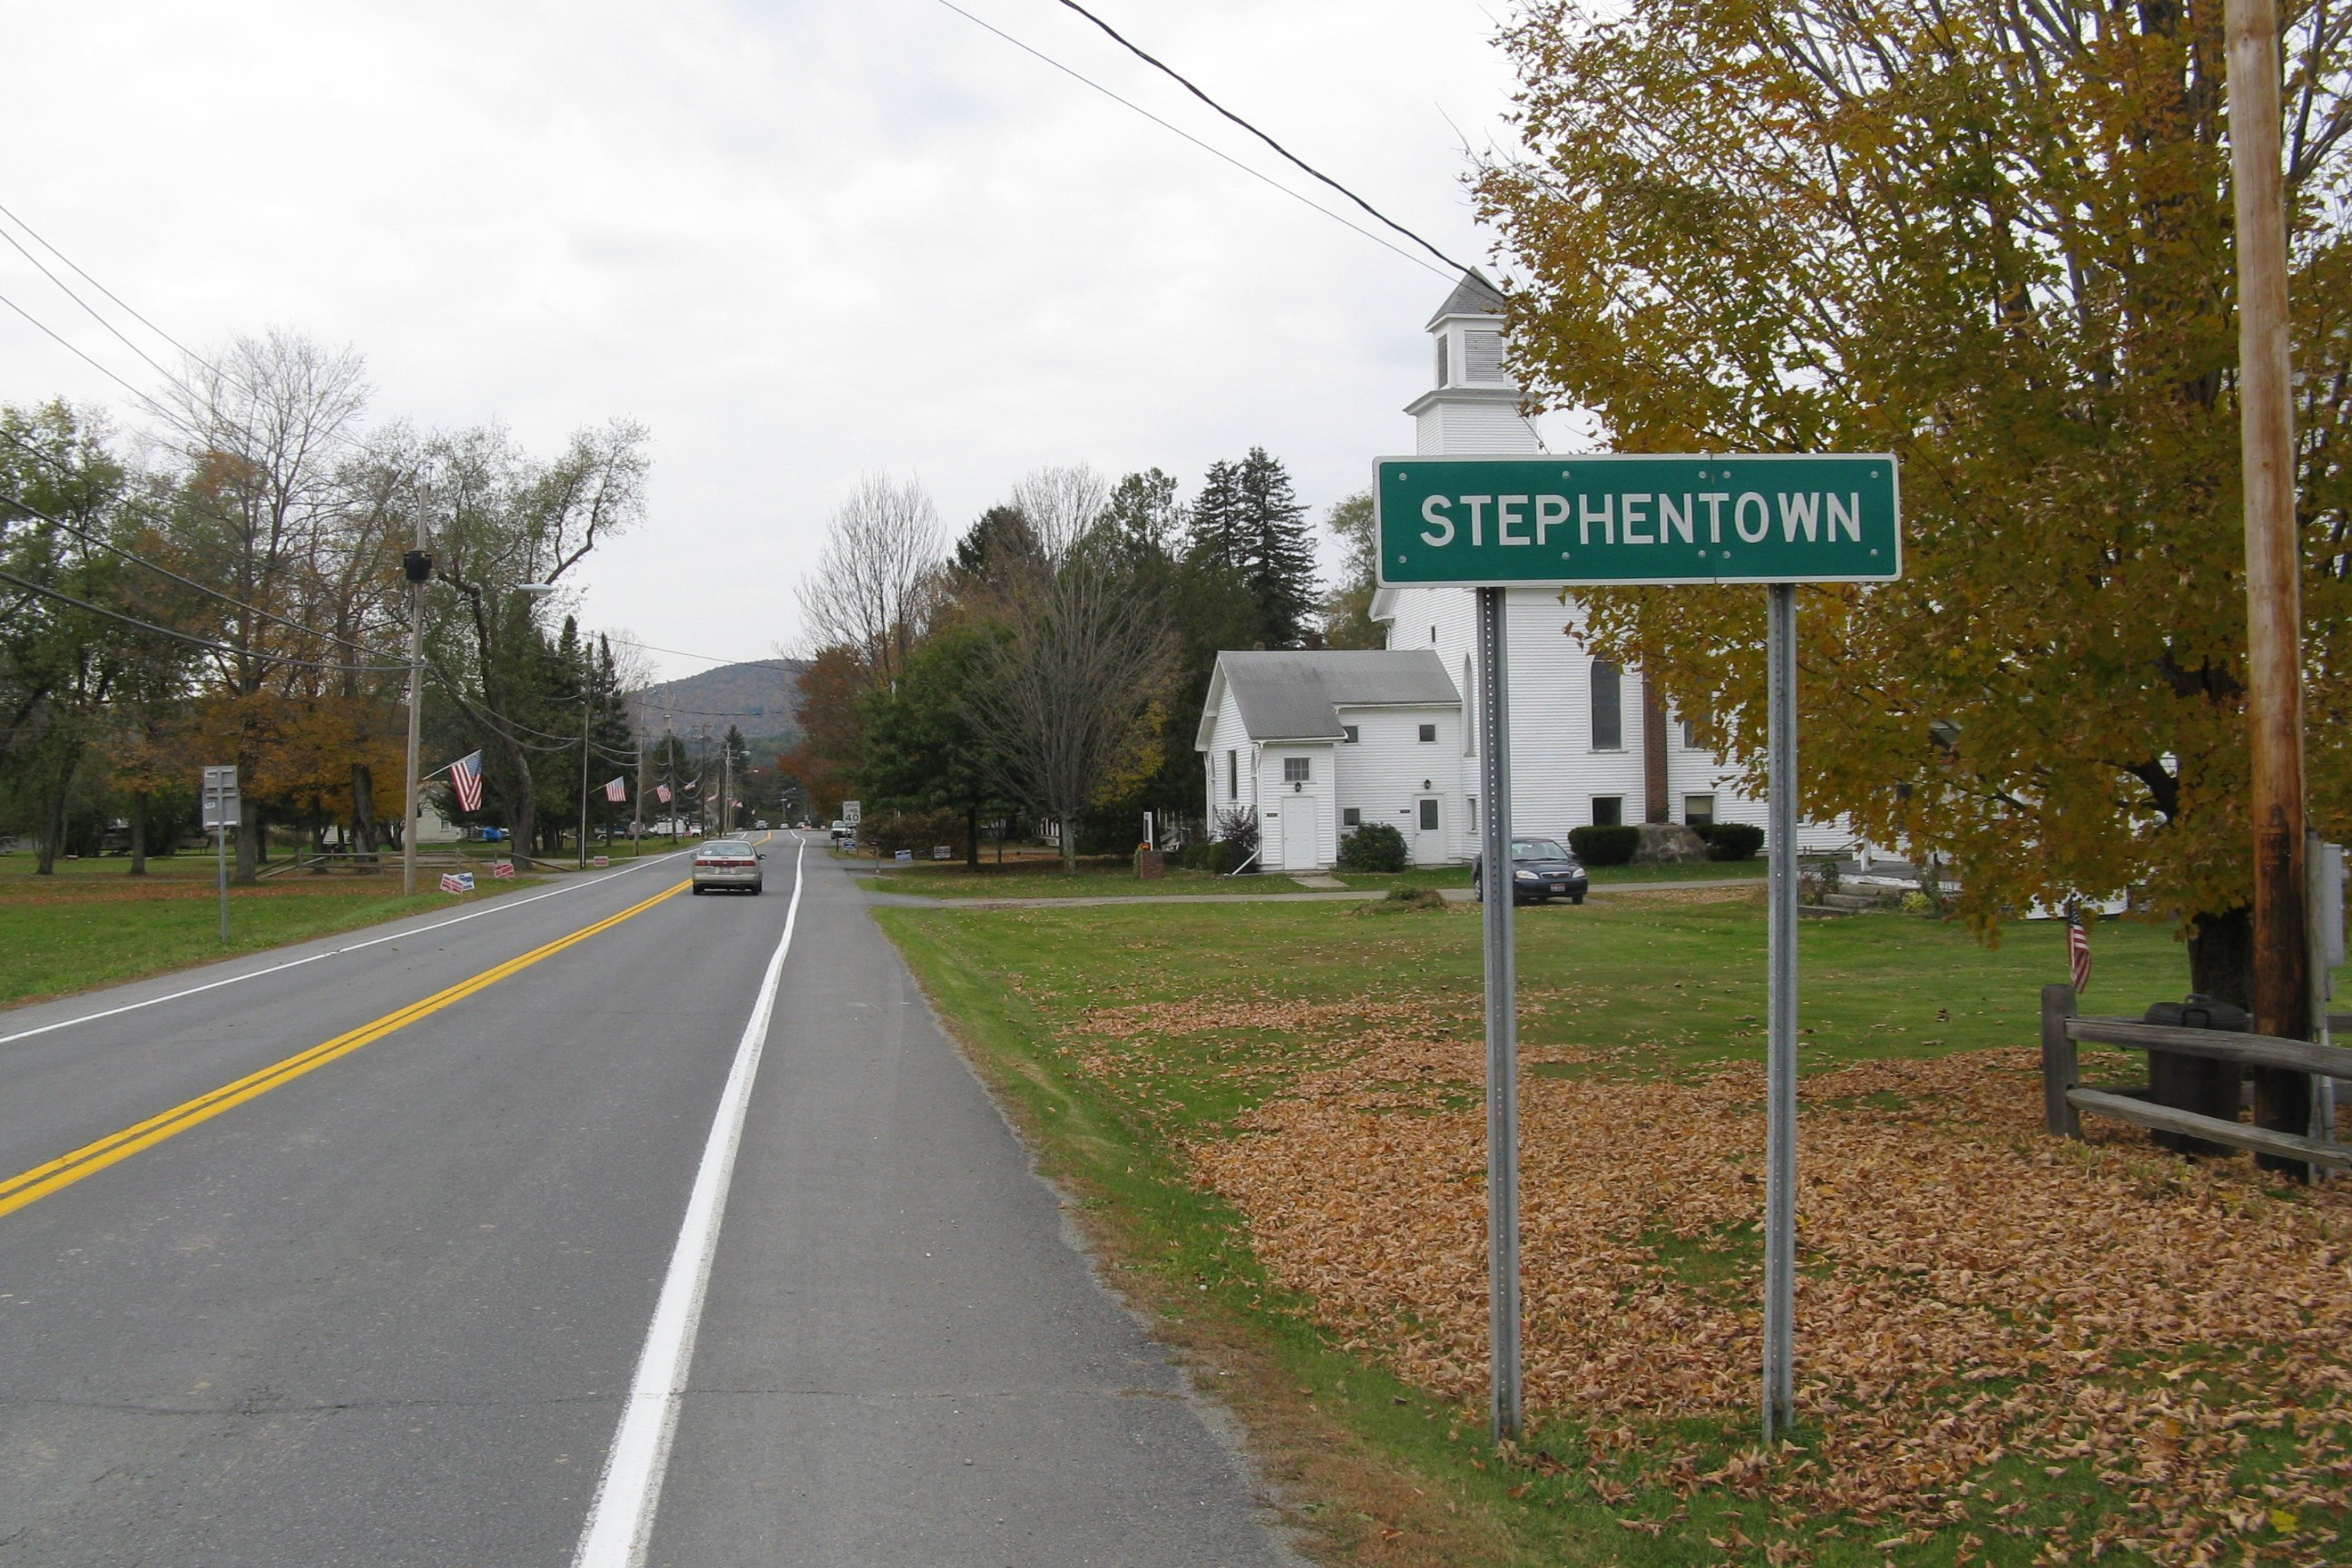 Stephentown